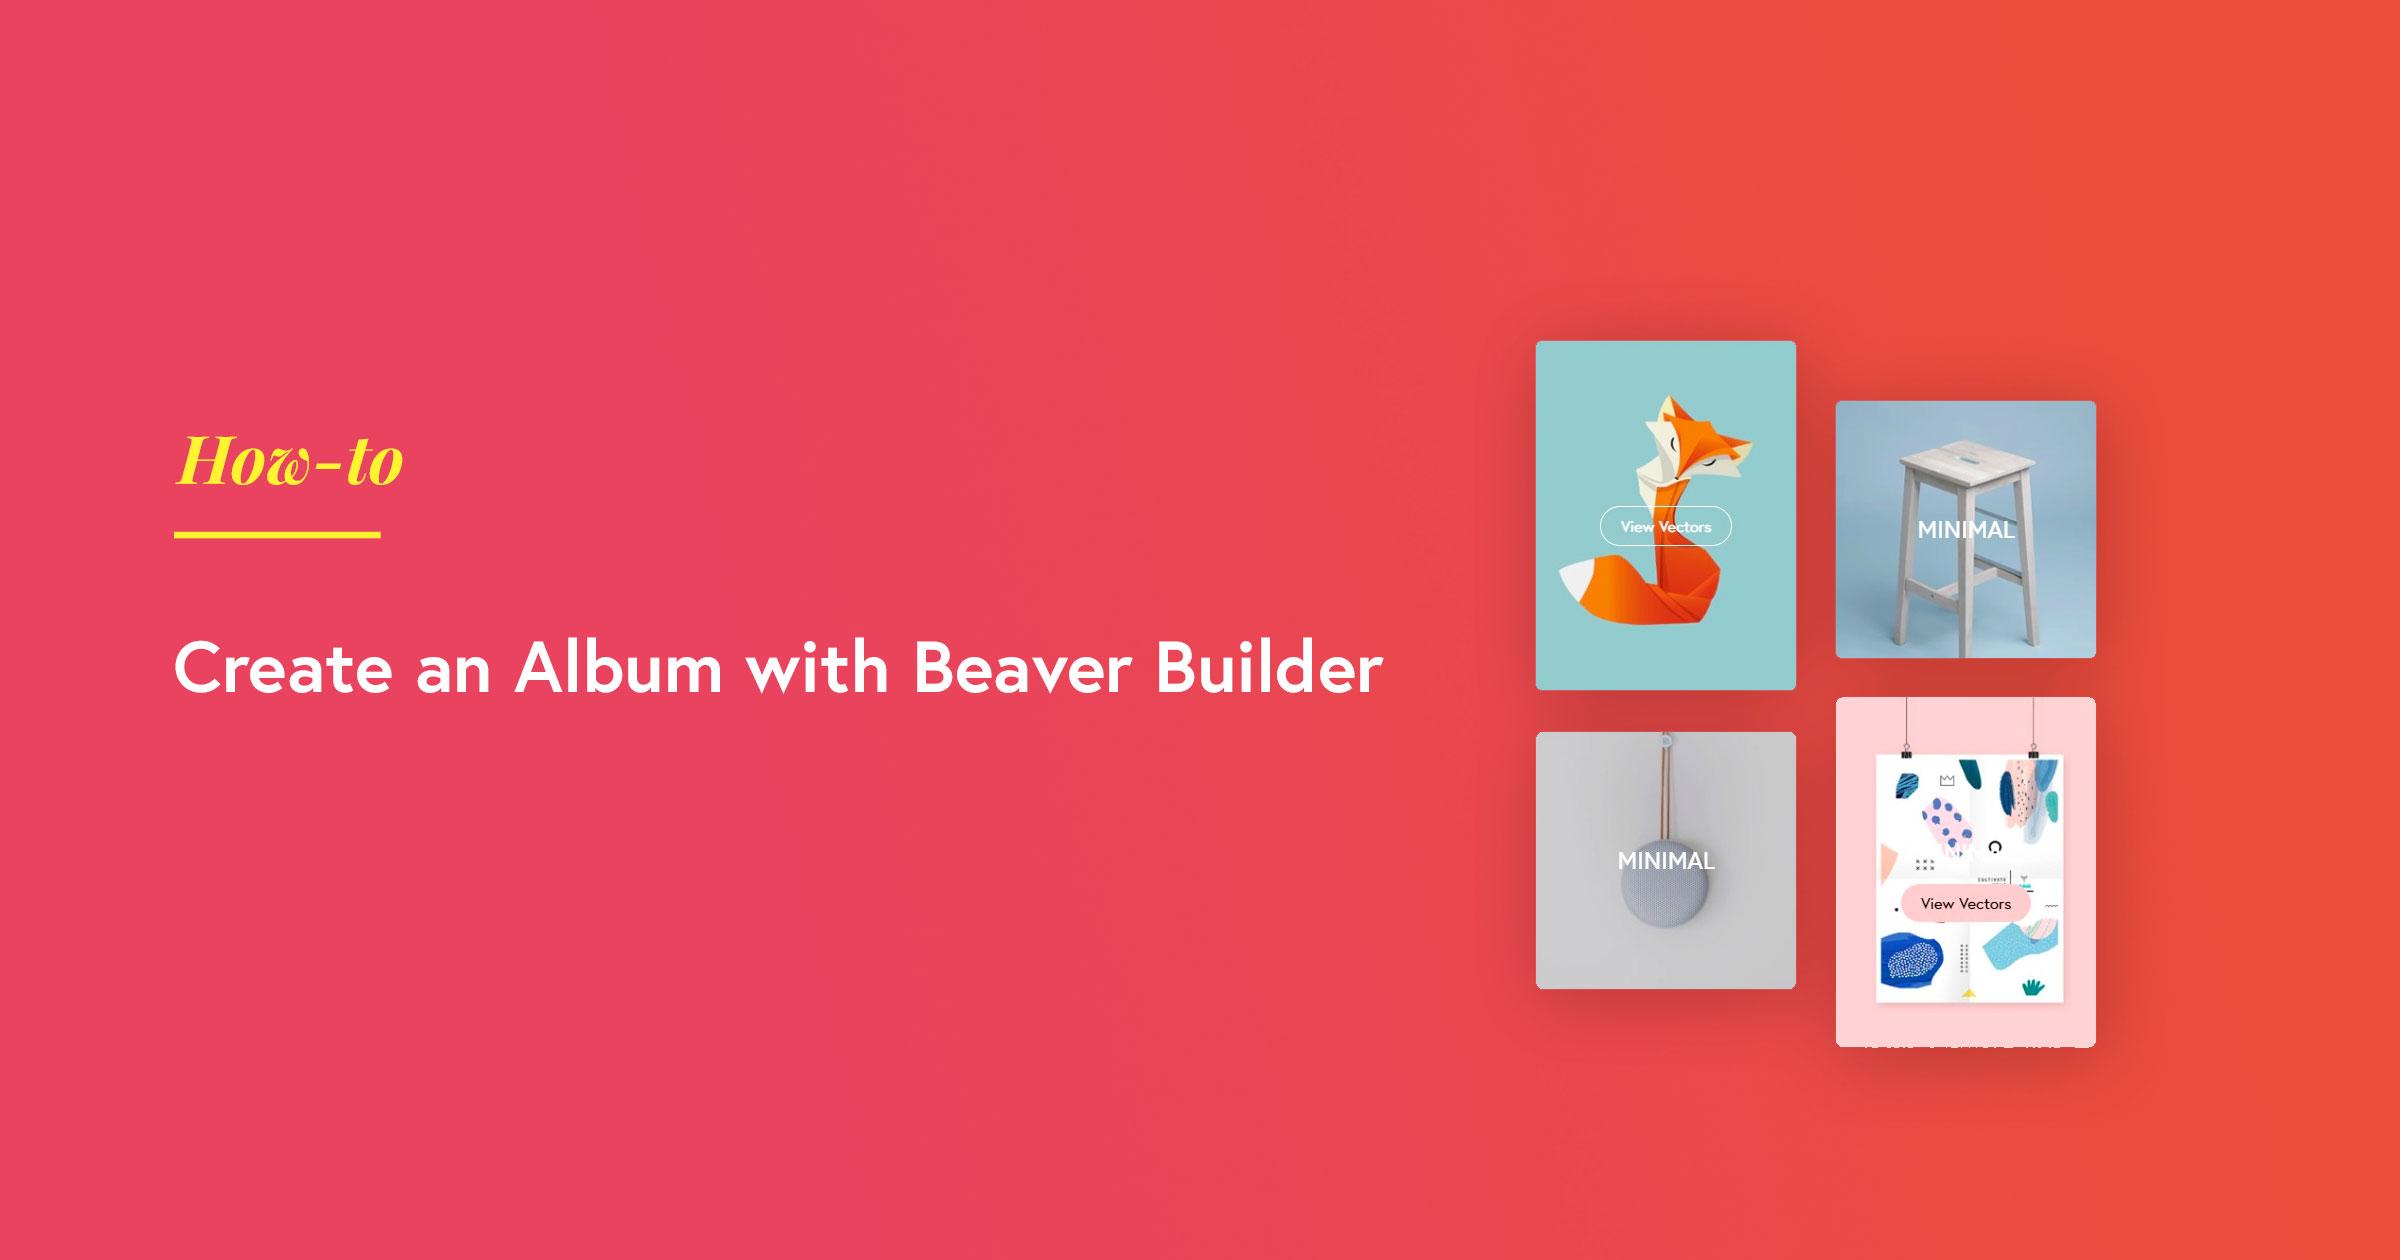 beaver-builder-album